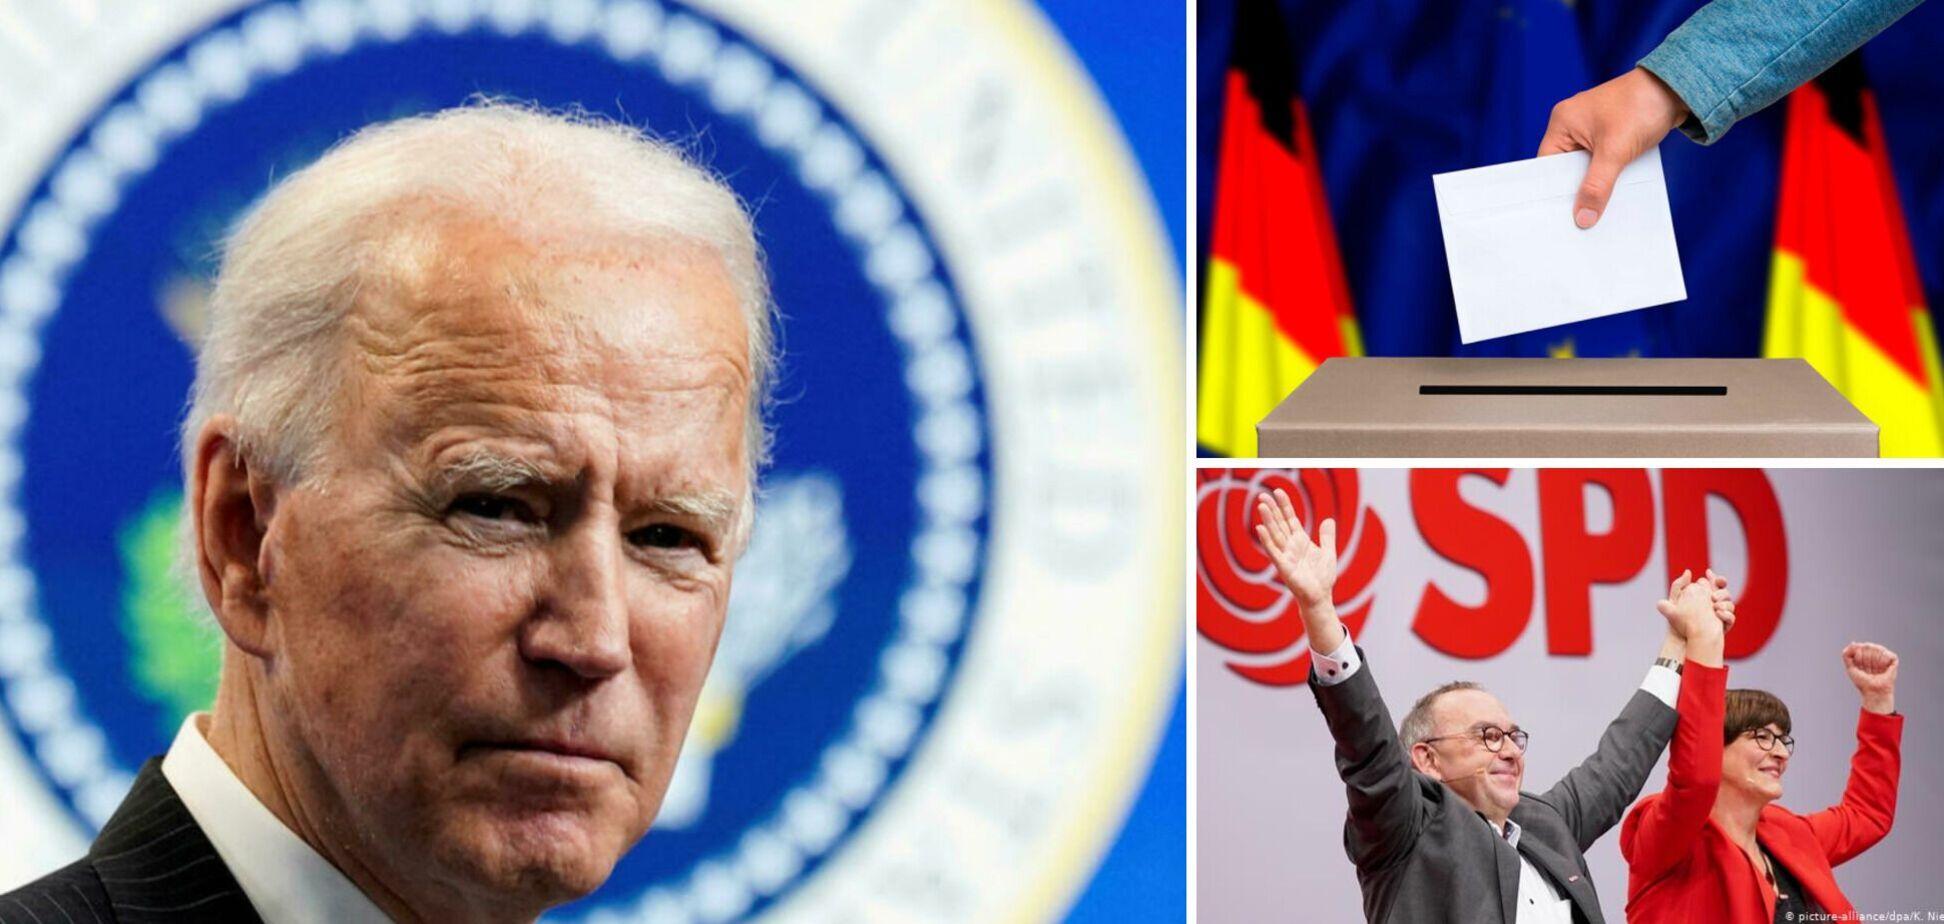 Байден про перемогу соціал-демократів на виборах у Німеччині: чорт забирай, а вони стійкі